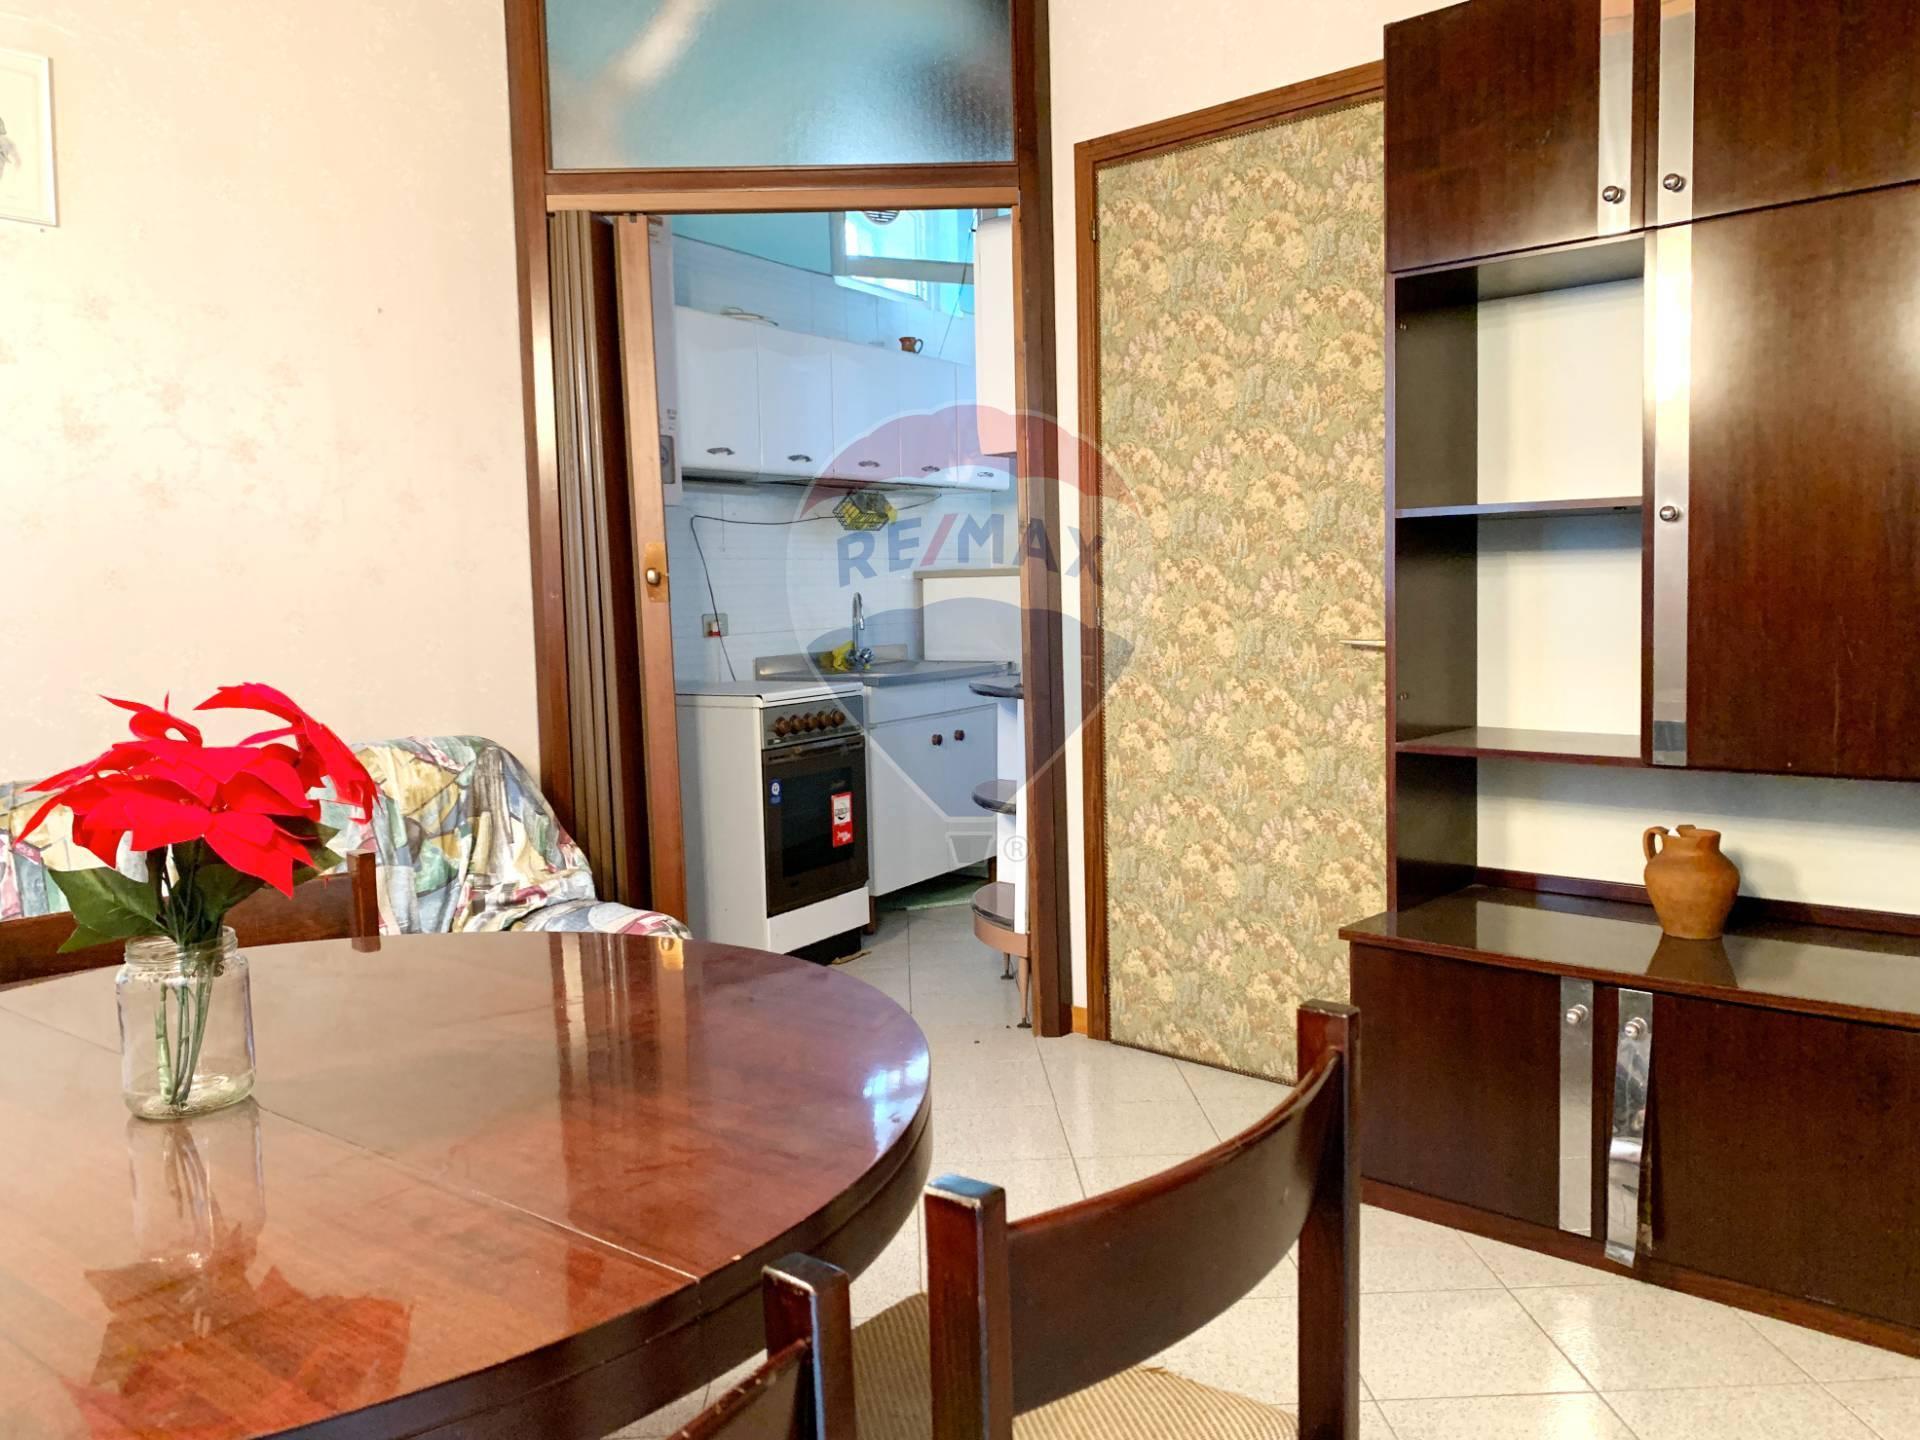 Appartamento in vendita a Salò, 2 locali, prezzo € 130.000   CambioCasa.it